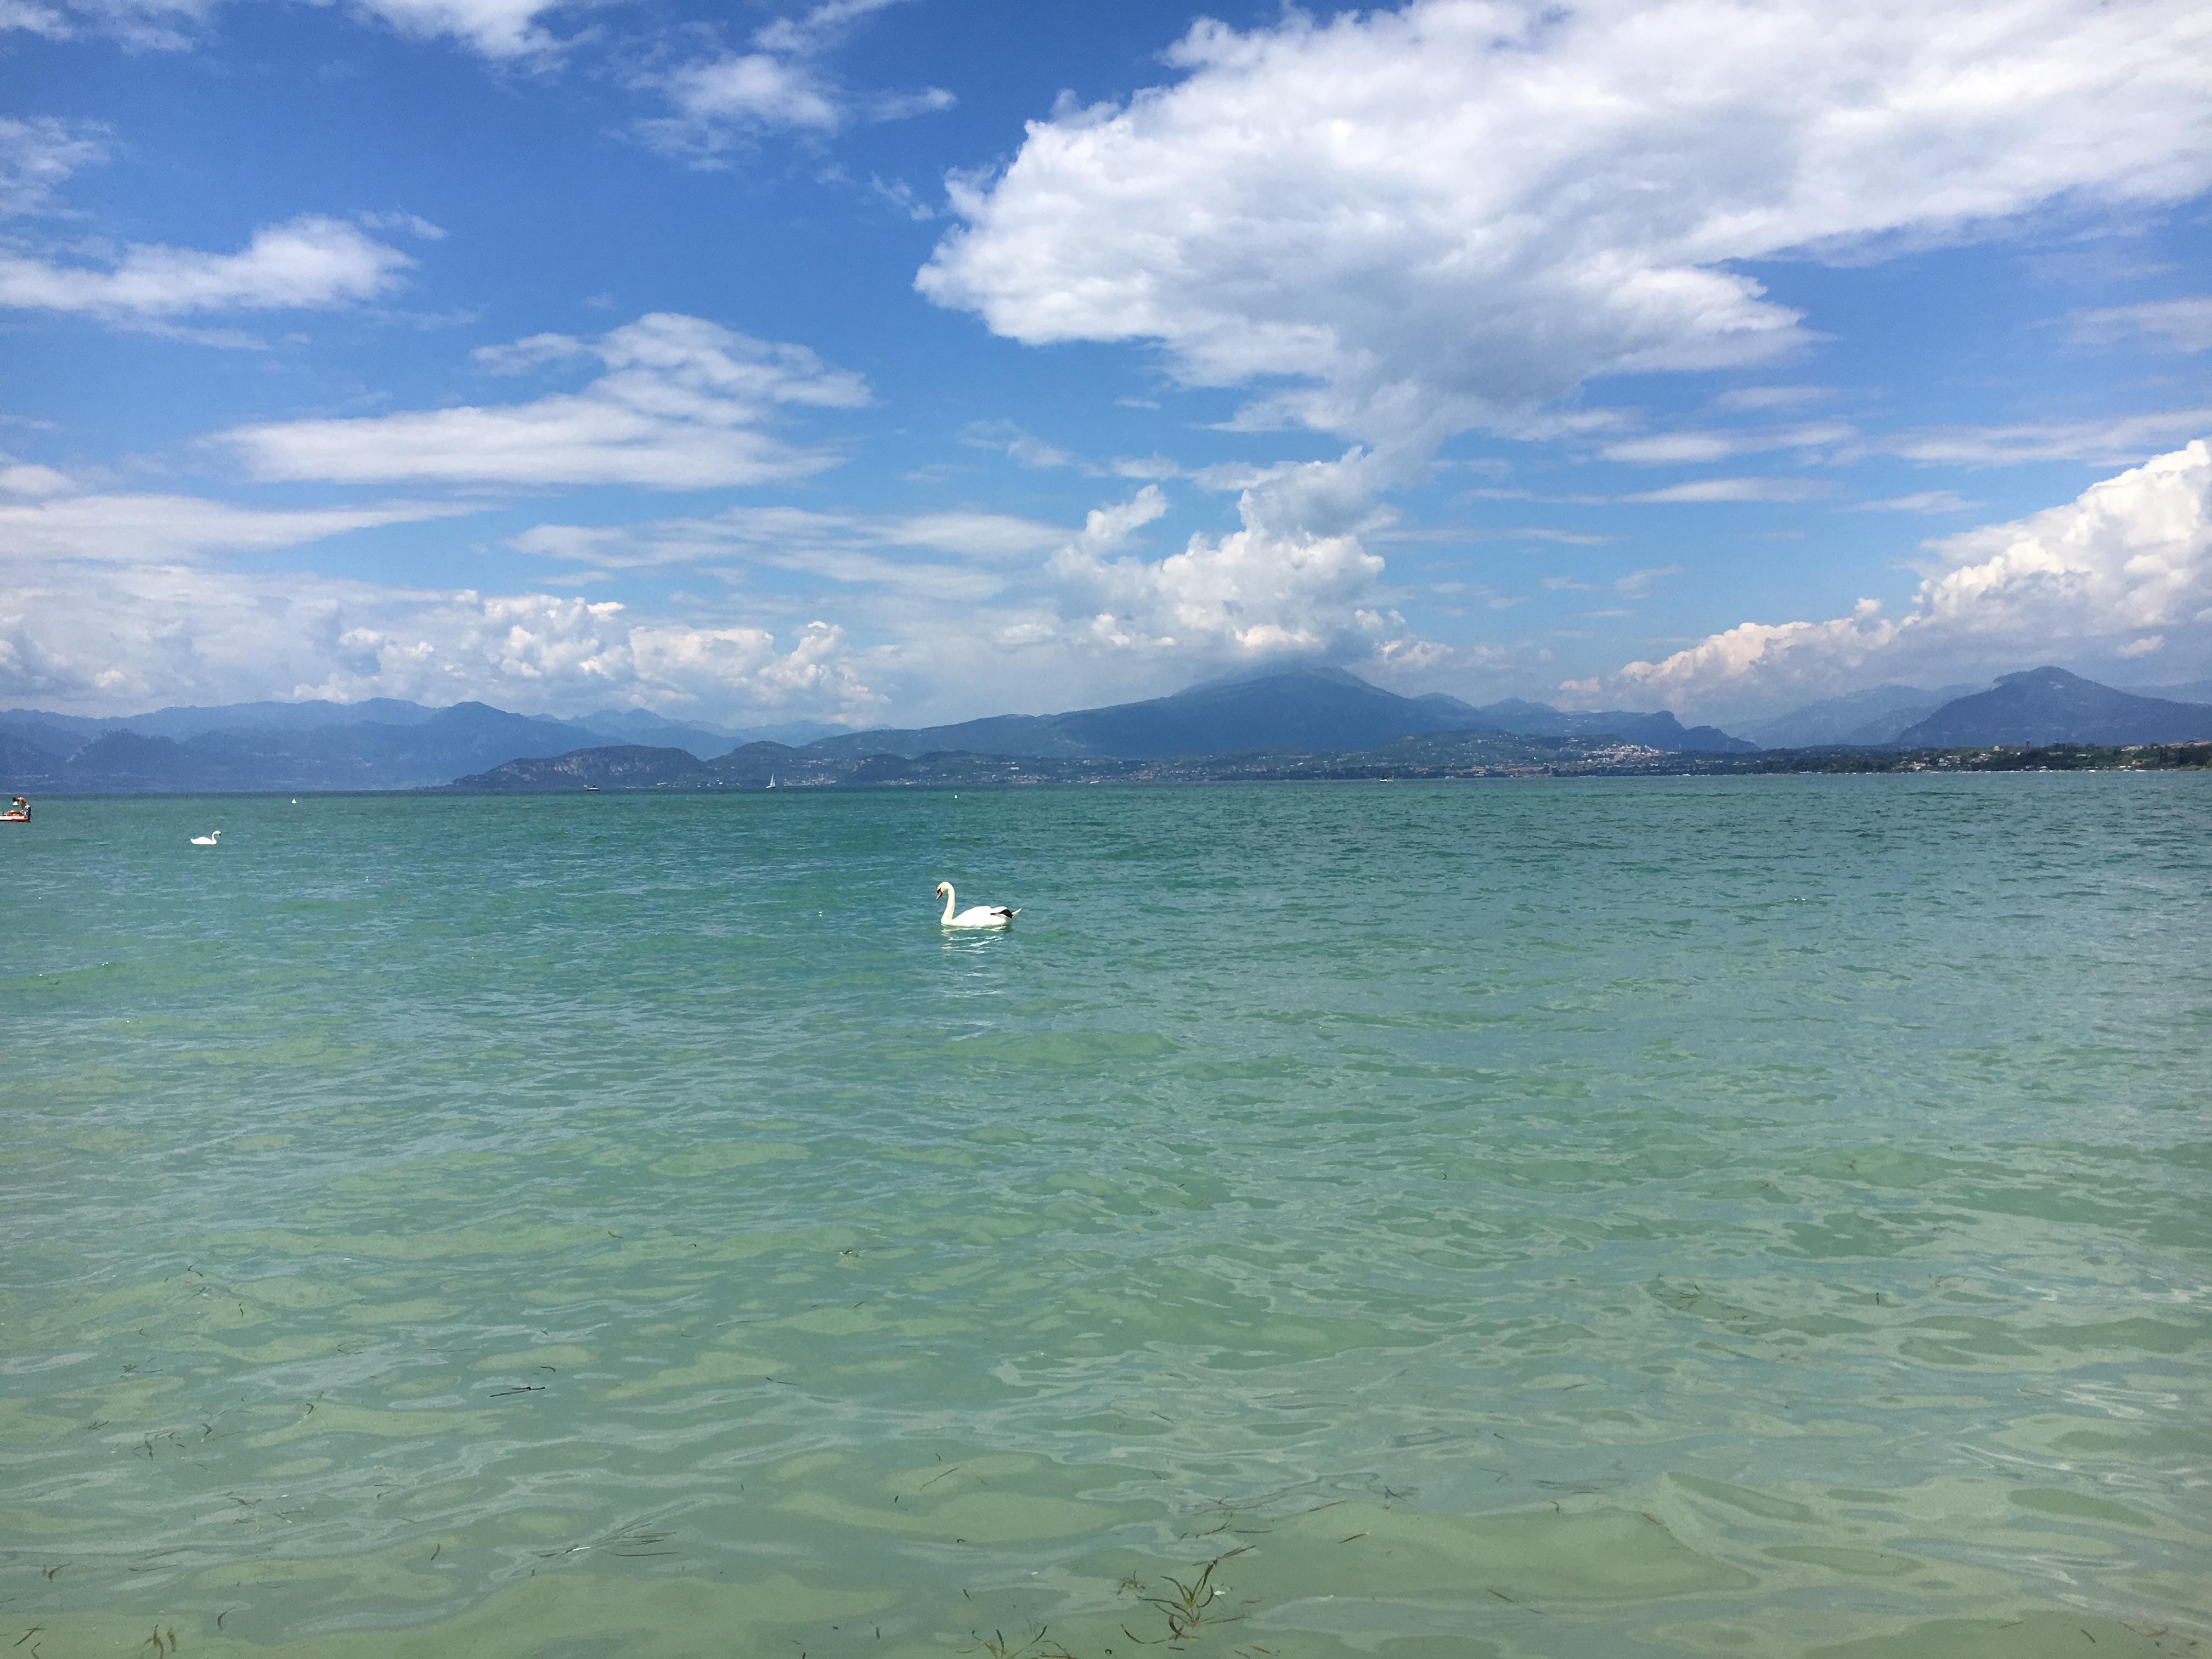 Swan on Lake Garda